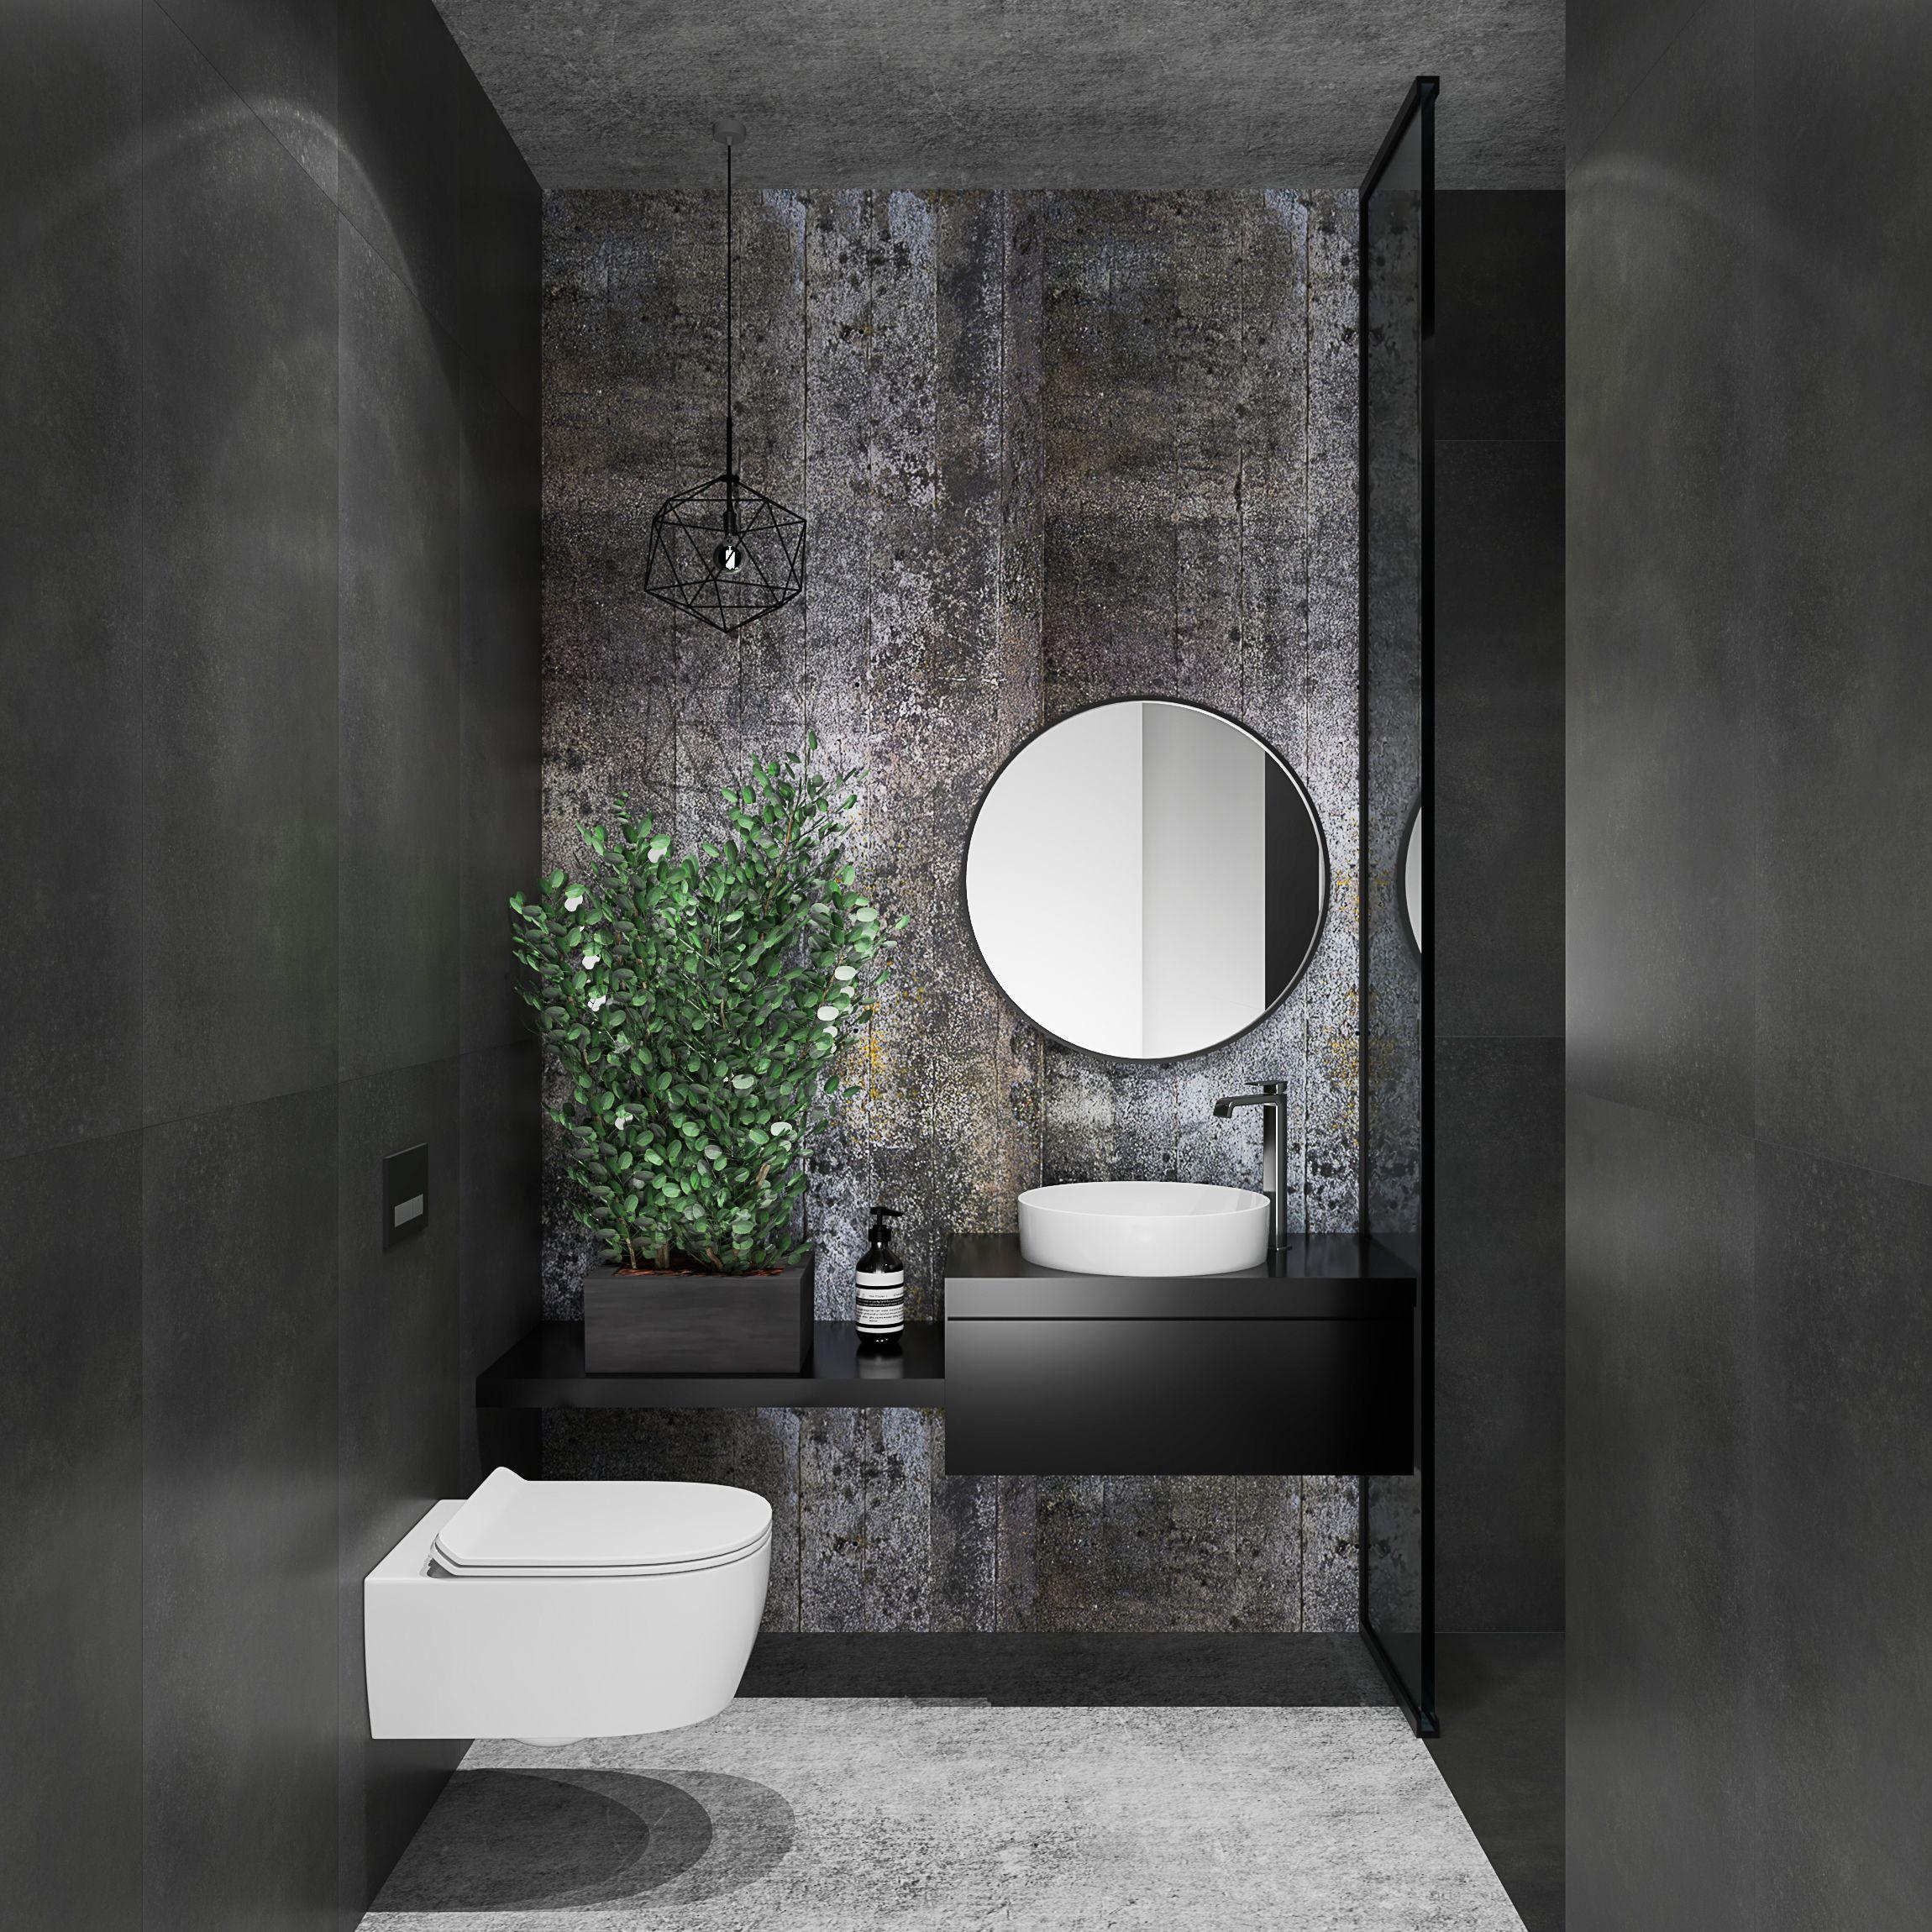 Ciemna Klimatyczna Mała łazienka Z Płytką Cerrad Concrete